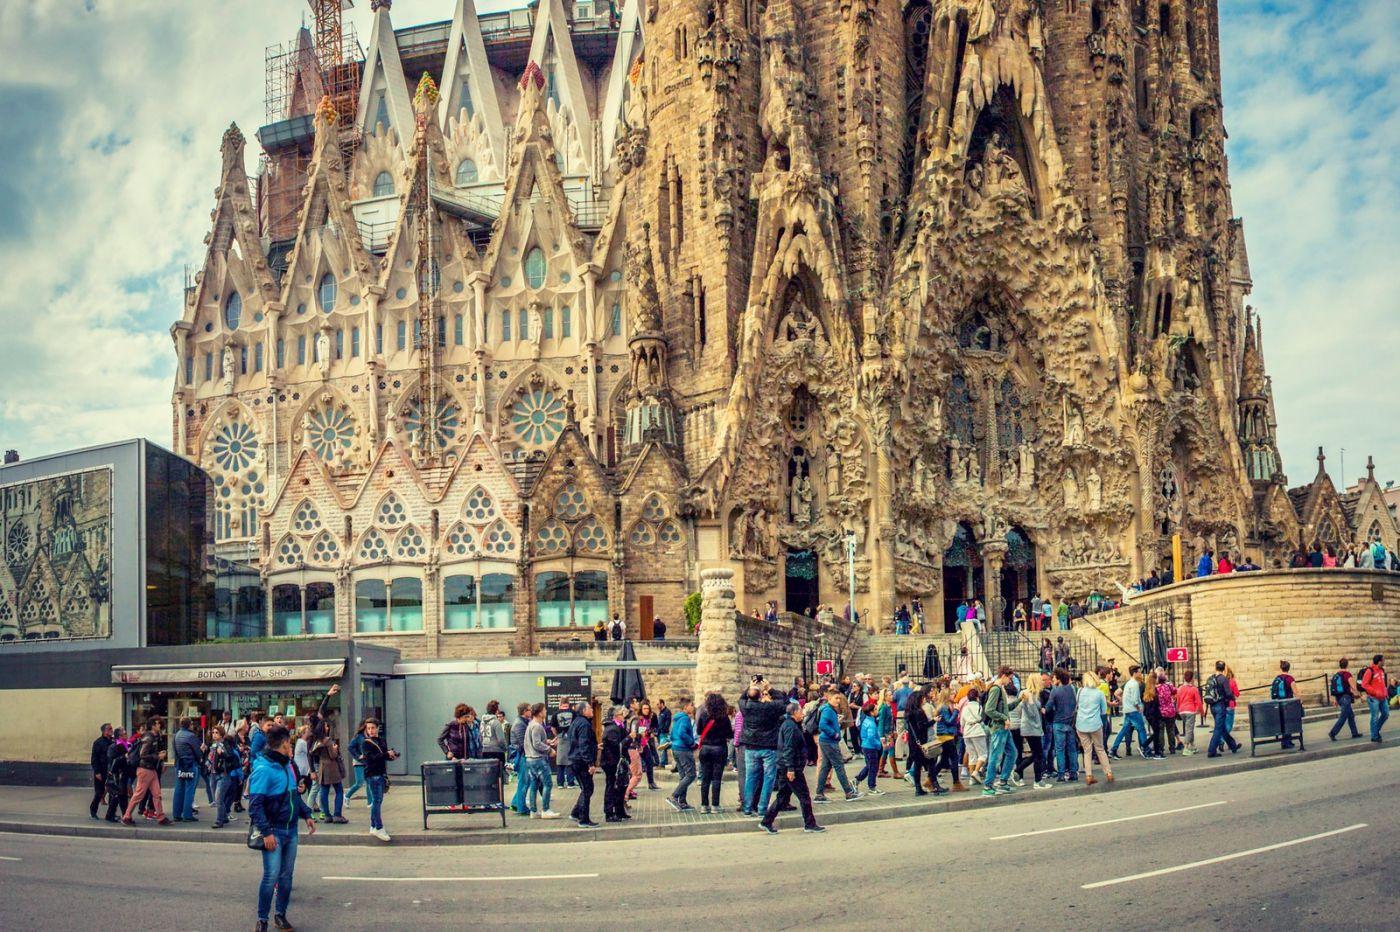 西班牙圣家堂(Sagrada Família),百年还未完工的世界遗产_图1-9